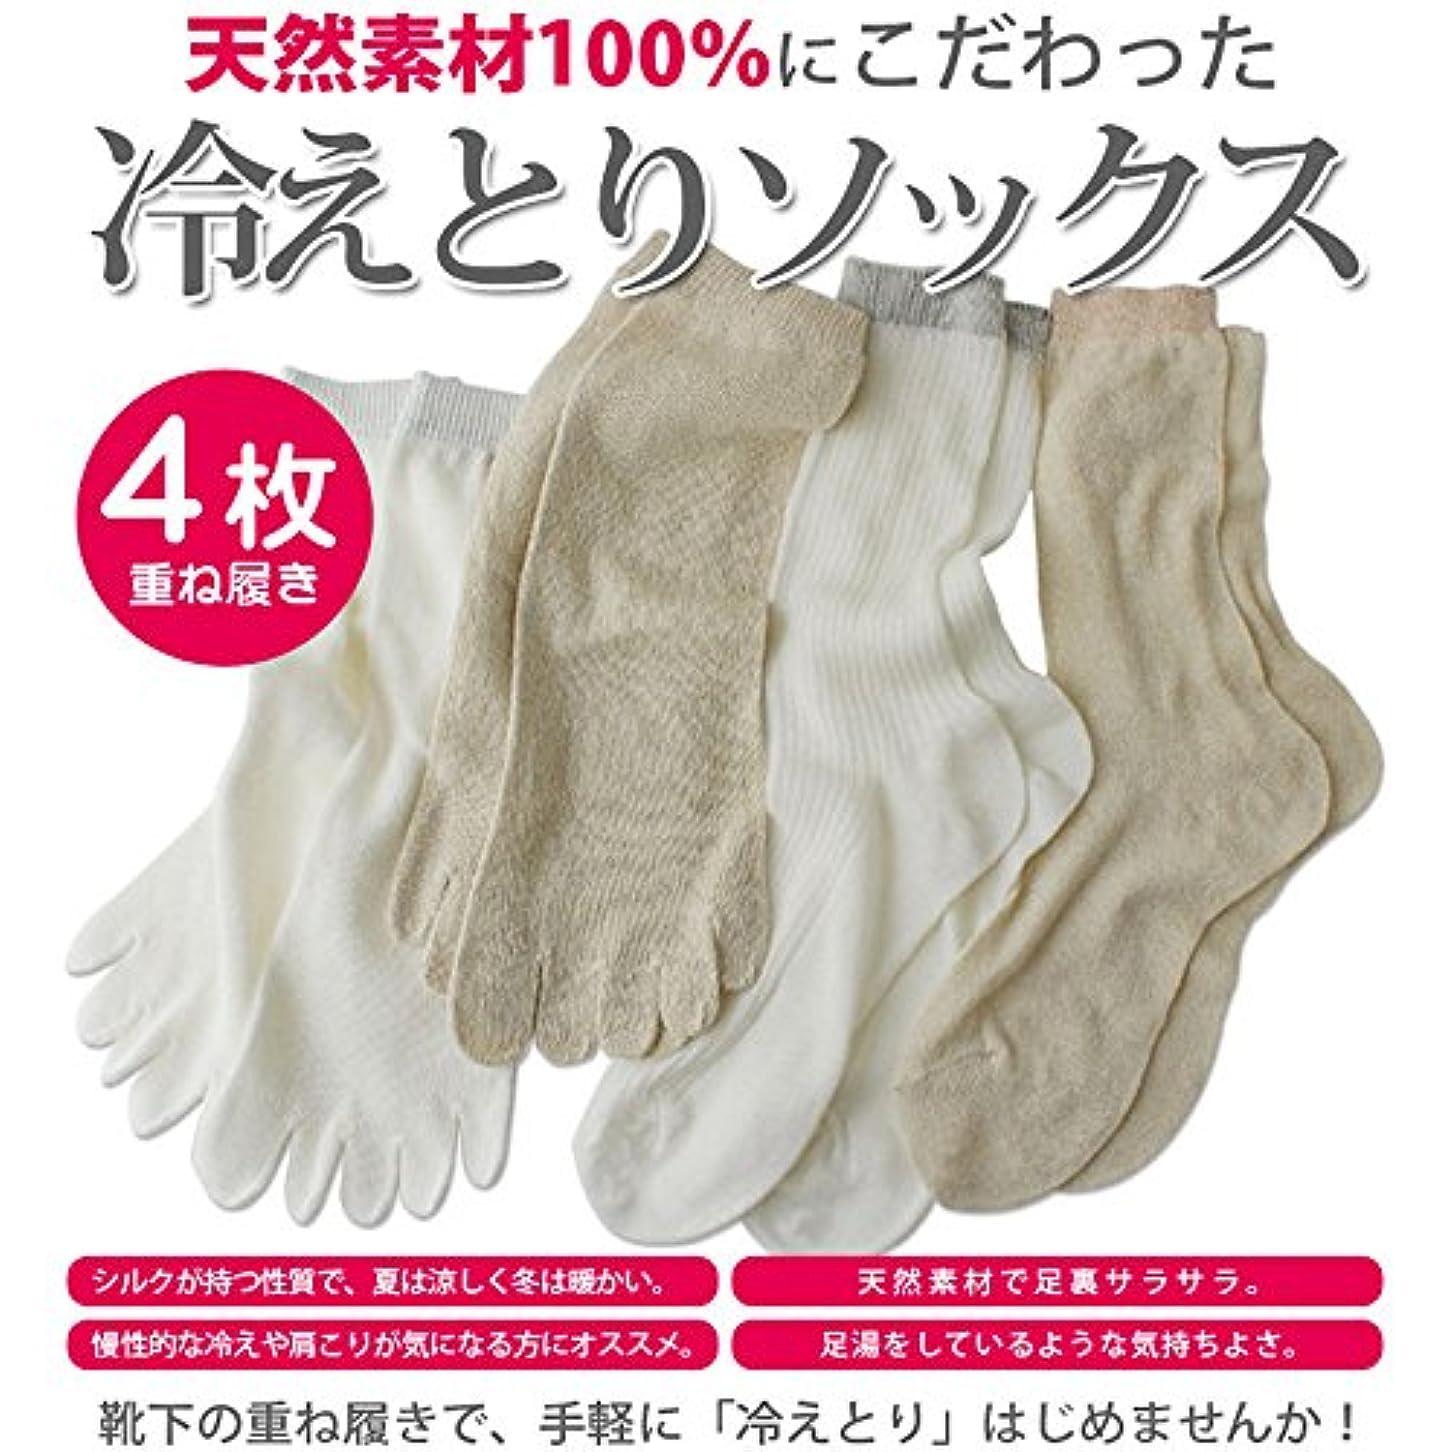 原点先駆者つまずく冷え取り靴下 綿100%とシルク100% 呼吸ソックス 4枚重ねばきであったか 4枚セット